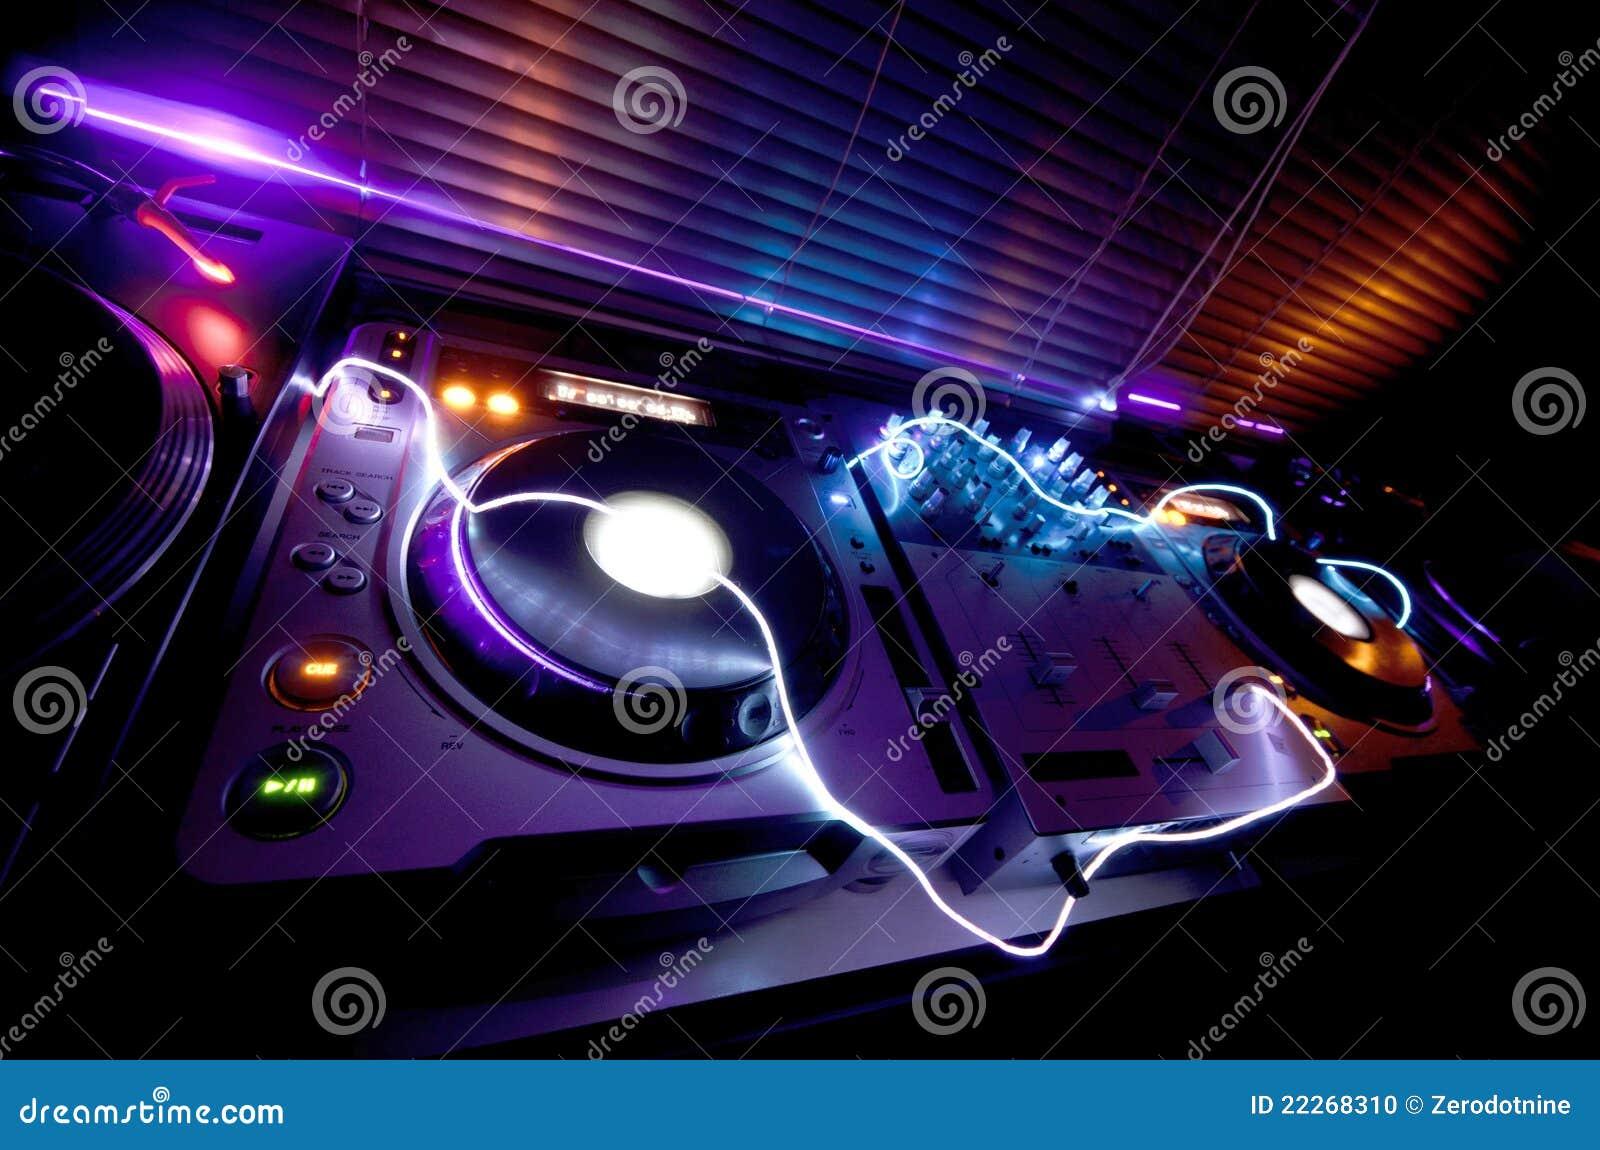 Equipo de DJ que brilla intensamente